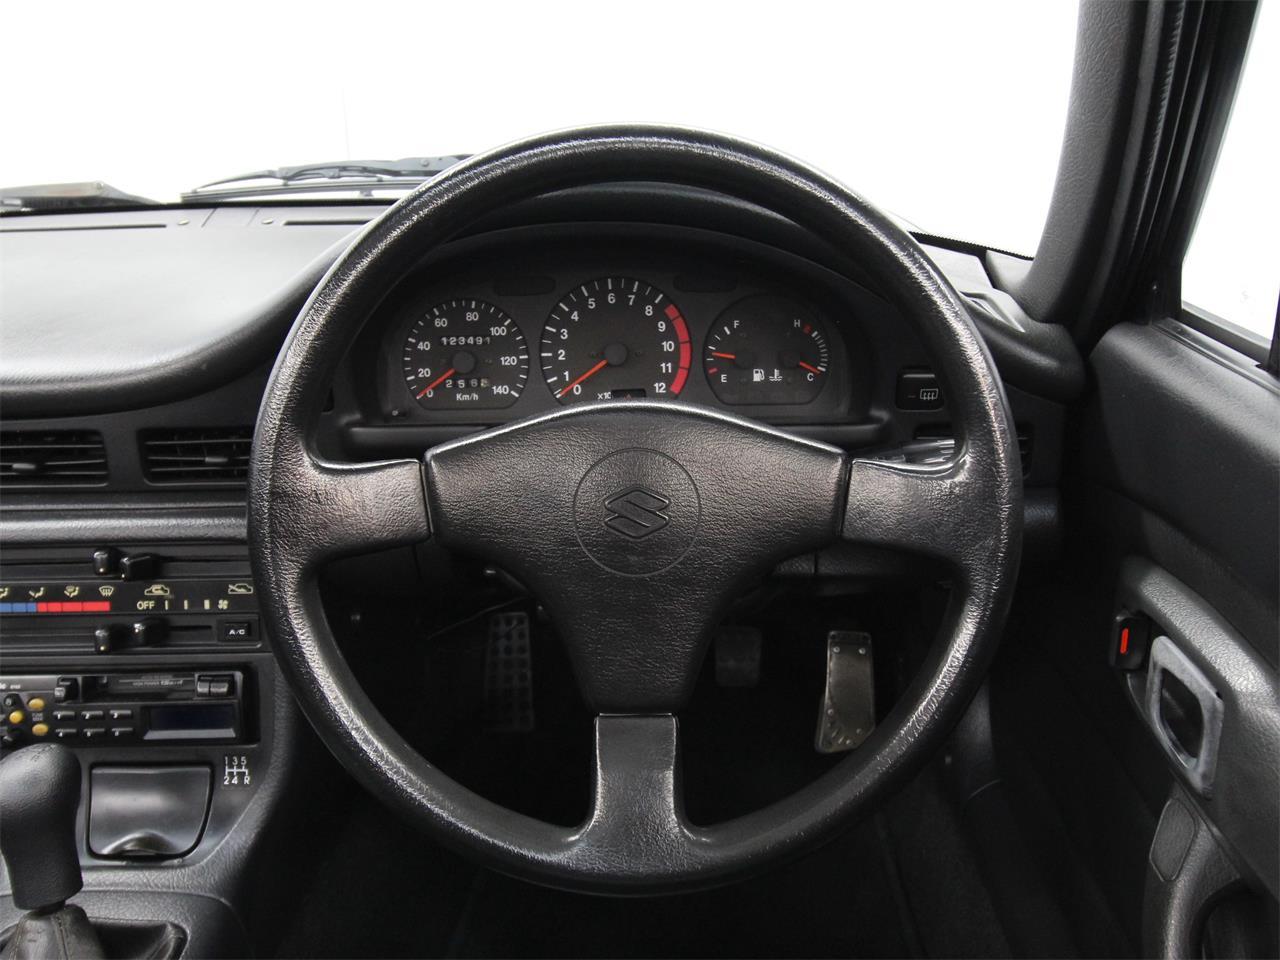 1993 Suzuki Cappuccino (CC-1330985) for sale in Christiansburg, Virginia